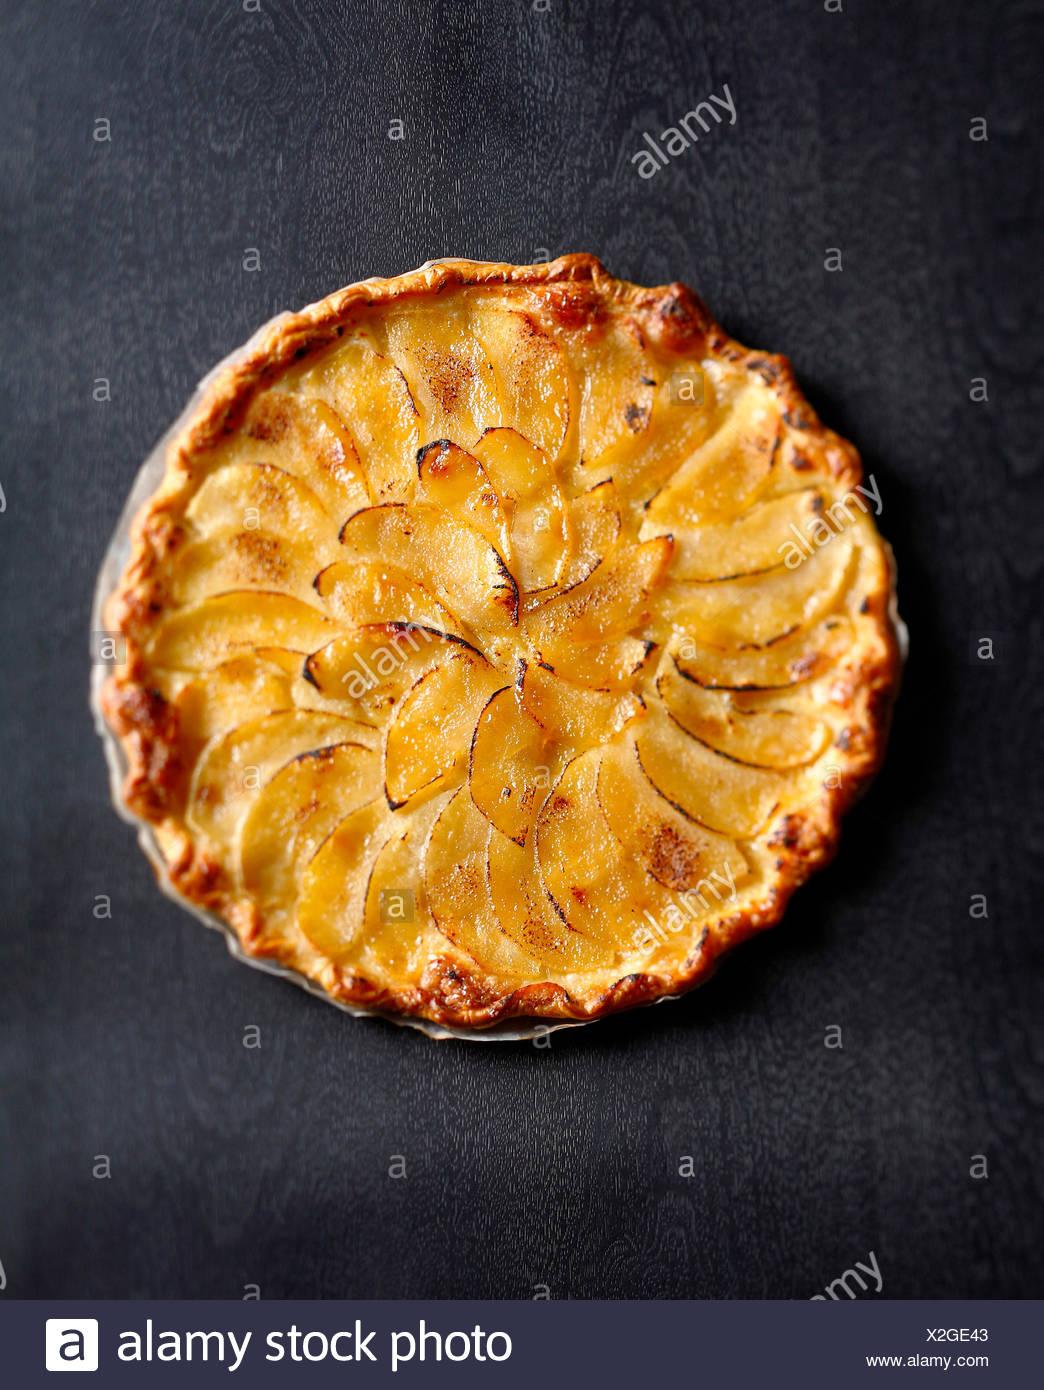 Fina tarta de manzana y mantequilla salada Imagen De Stock